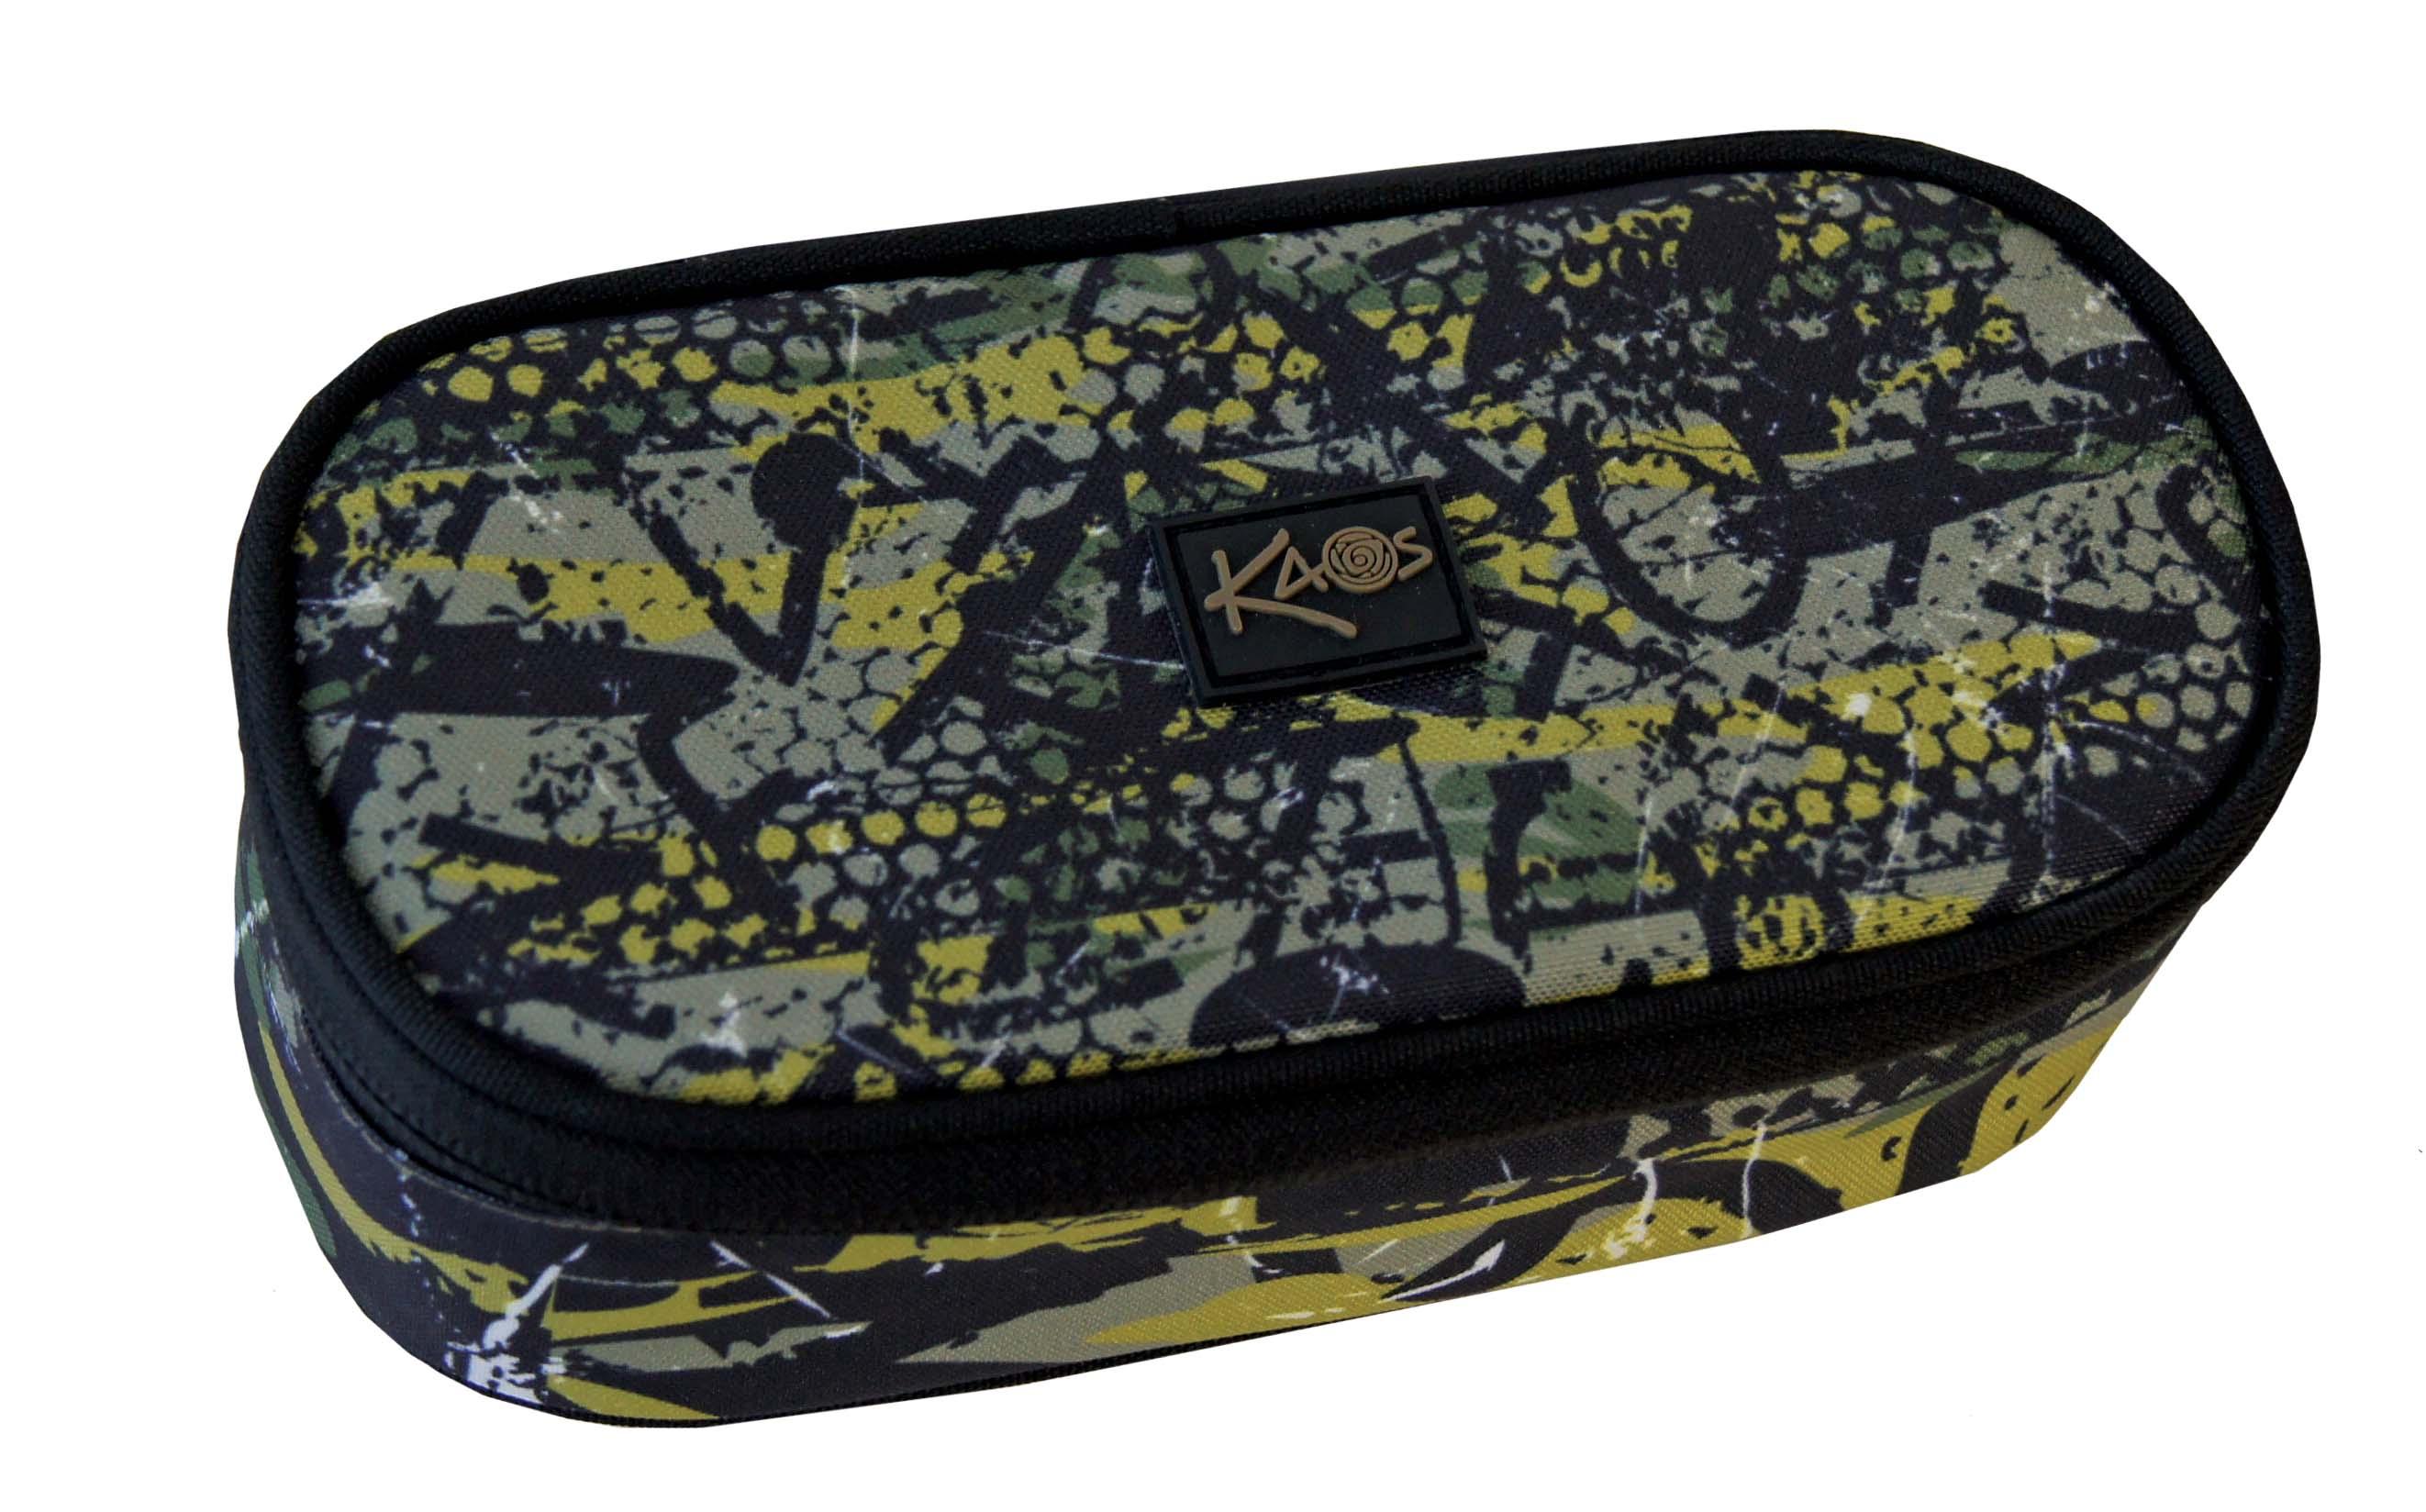 KAOS - Pencil Case - Django (44942)